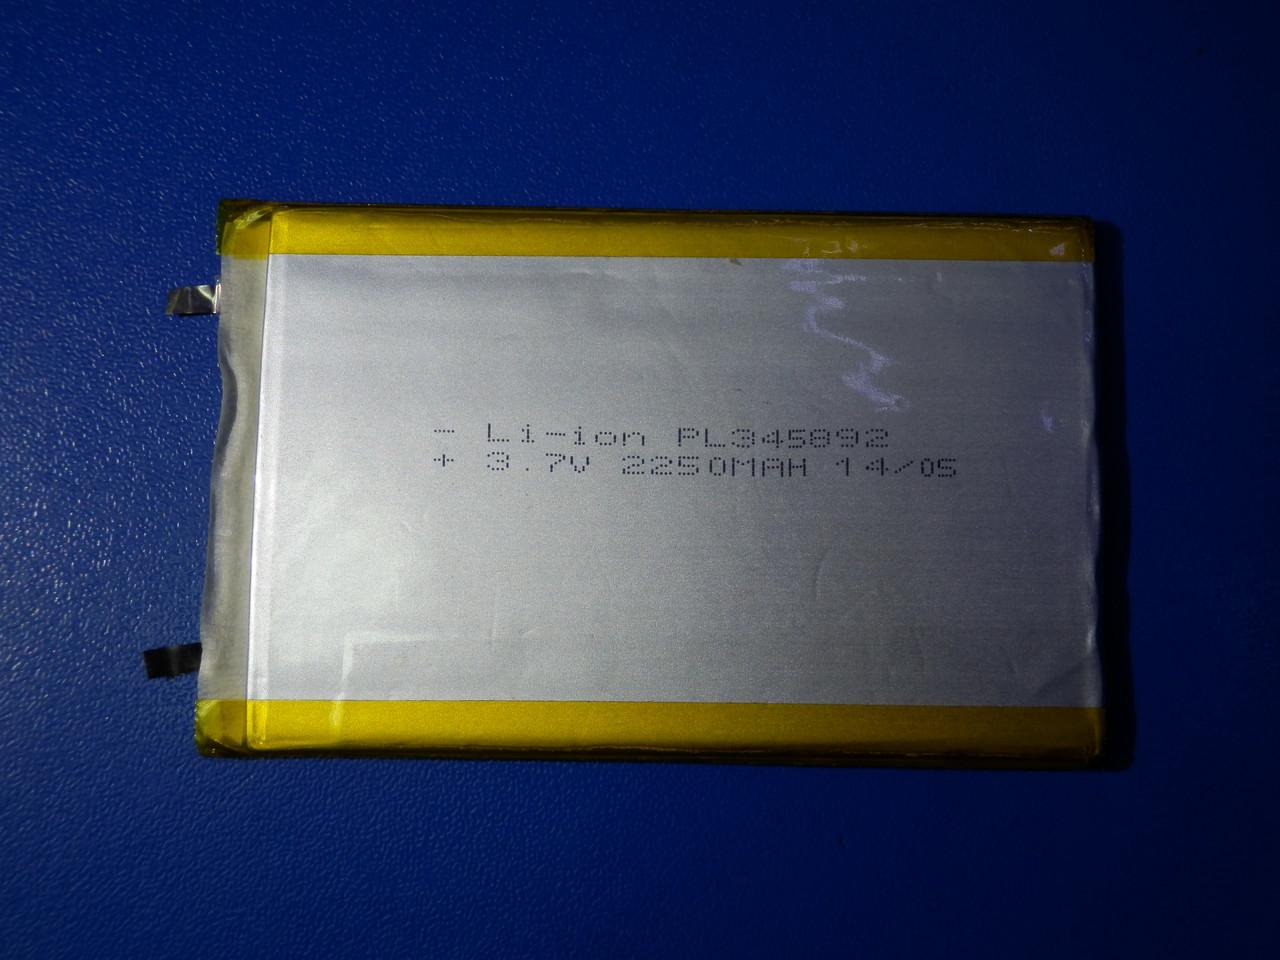 Аккумулятор Li-pol MastAK 2250mAh  3,7v 2250mAh